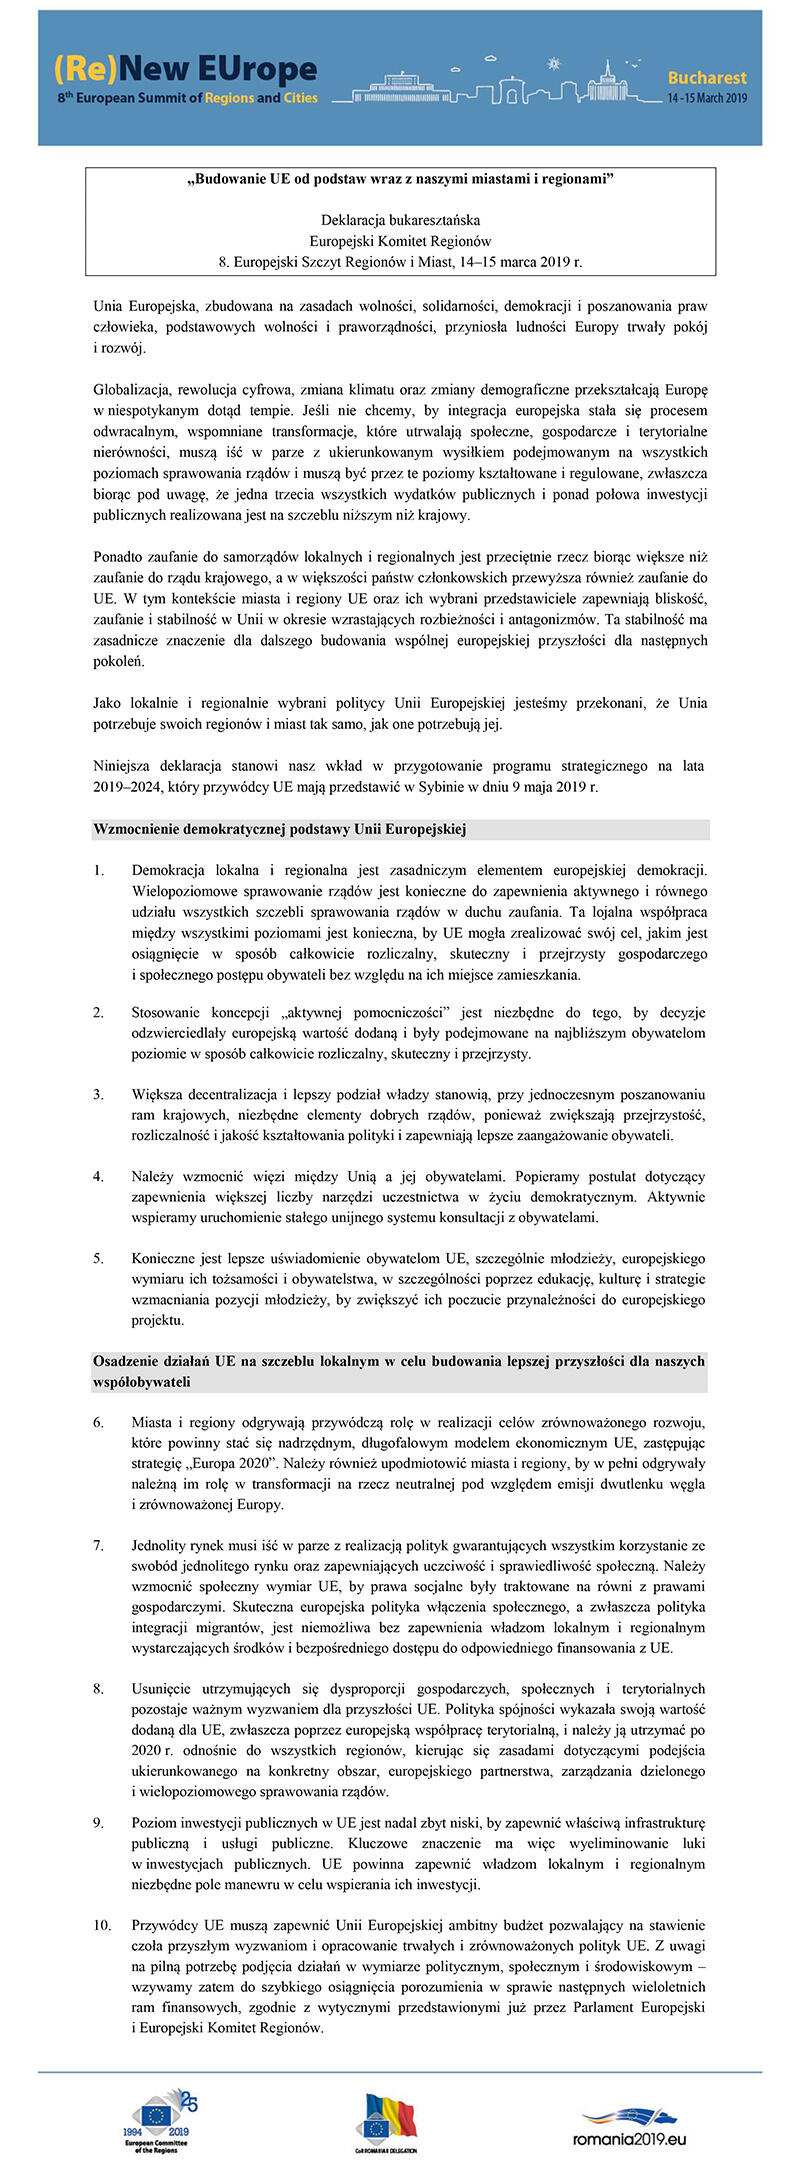 Deklaracja Bukaresztańska